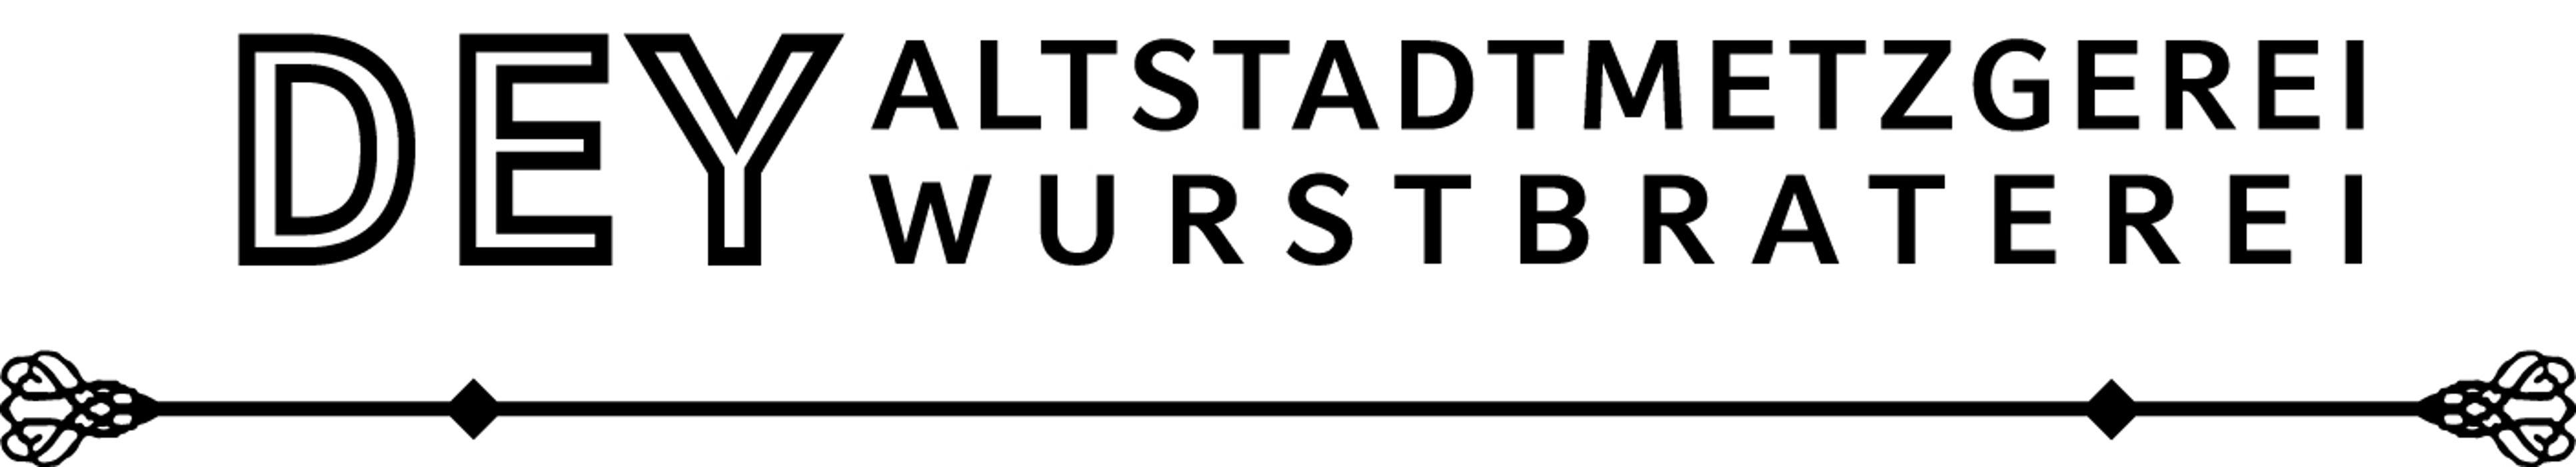 Bild zu Altstadtmetzgerei Dey in Frankfurt am Main